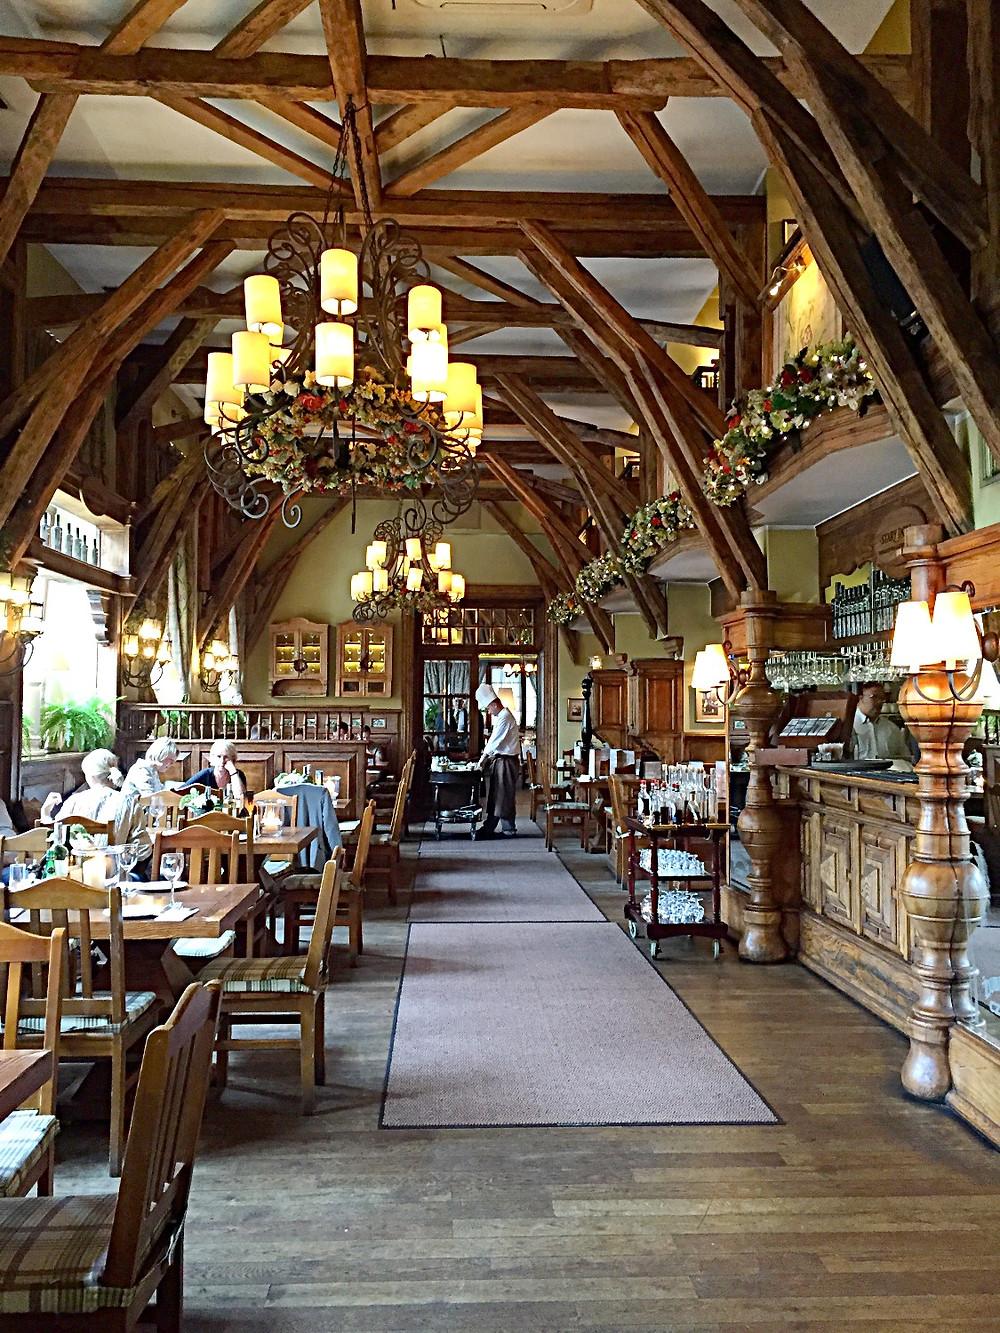 Restauracja Stary Dom in Warsaw, Poland